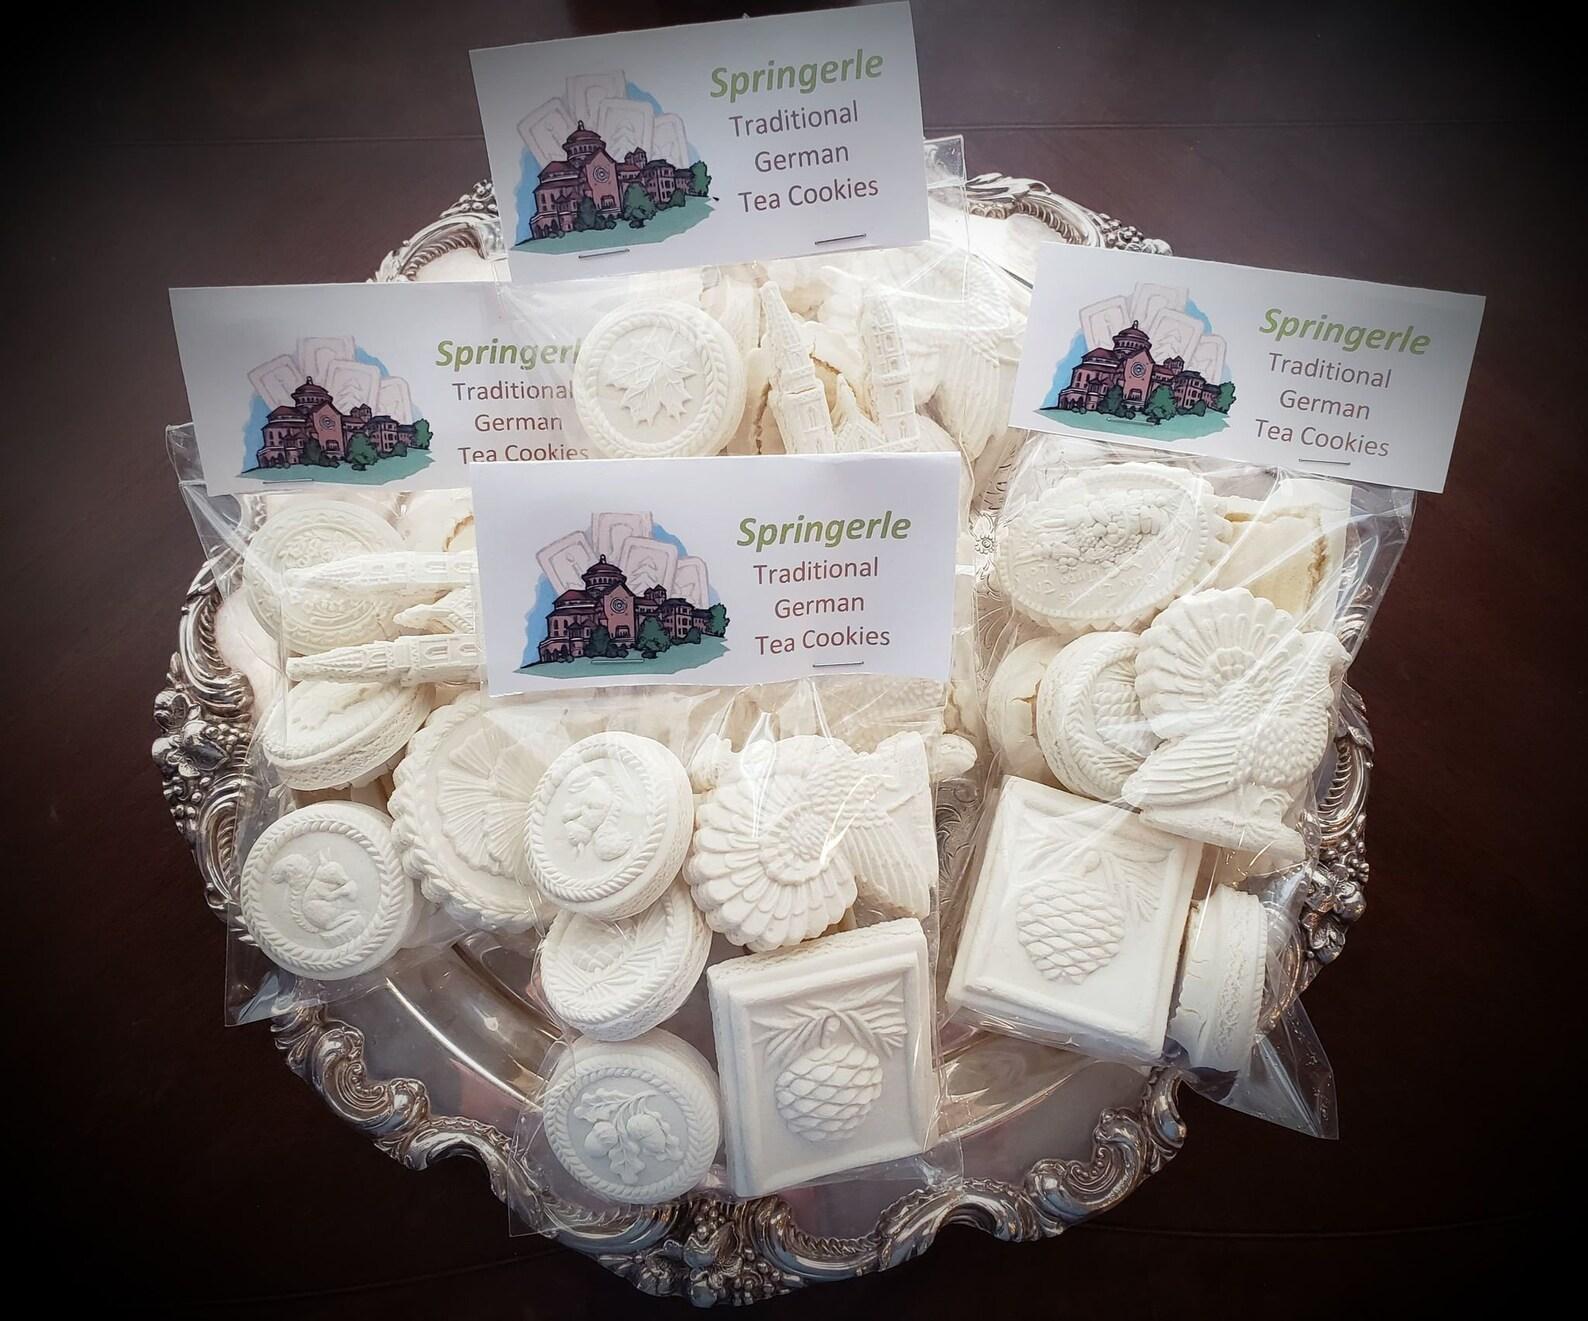 Handmade Springerle Cookies